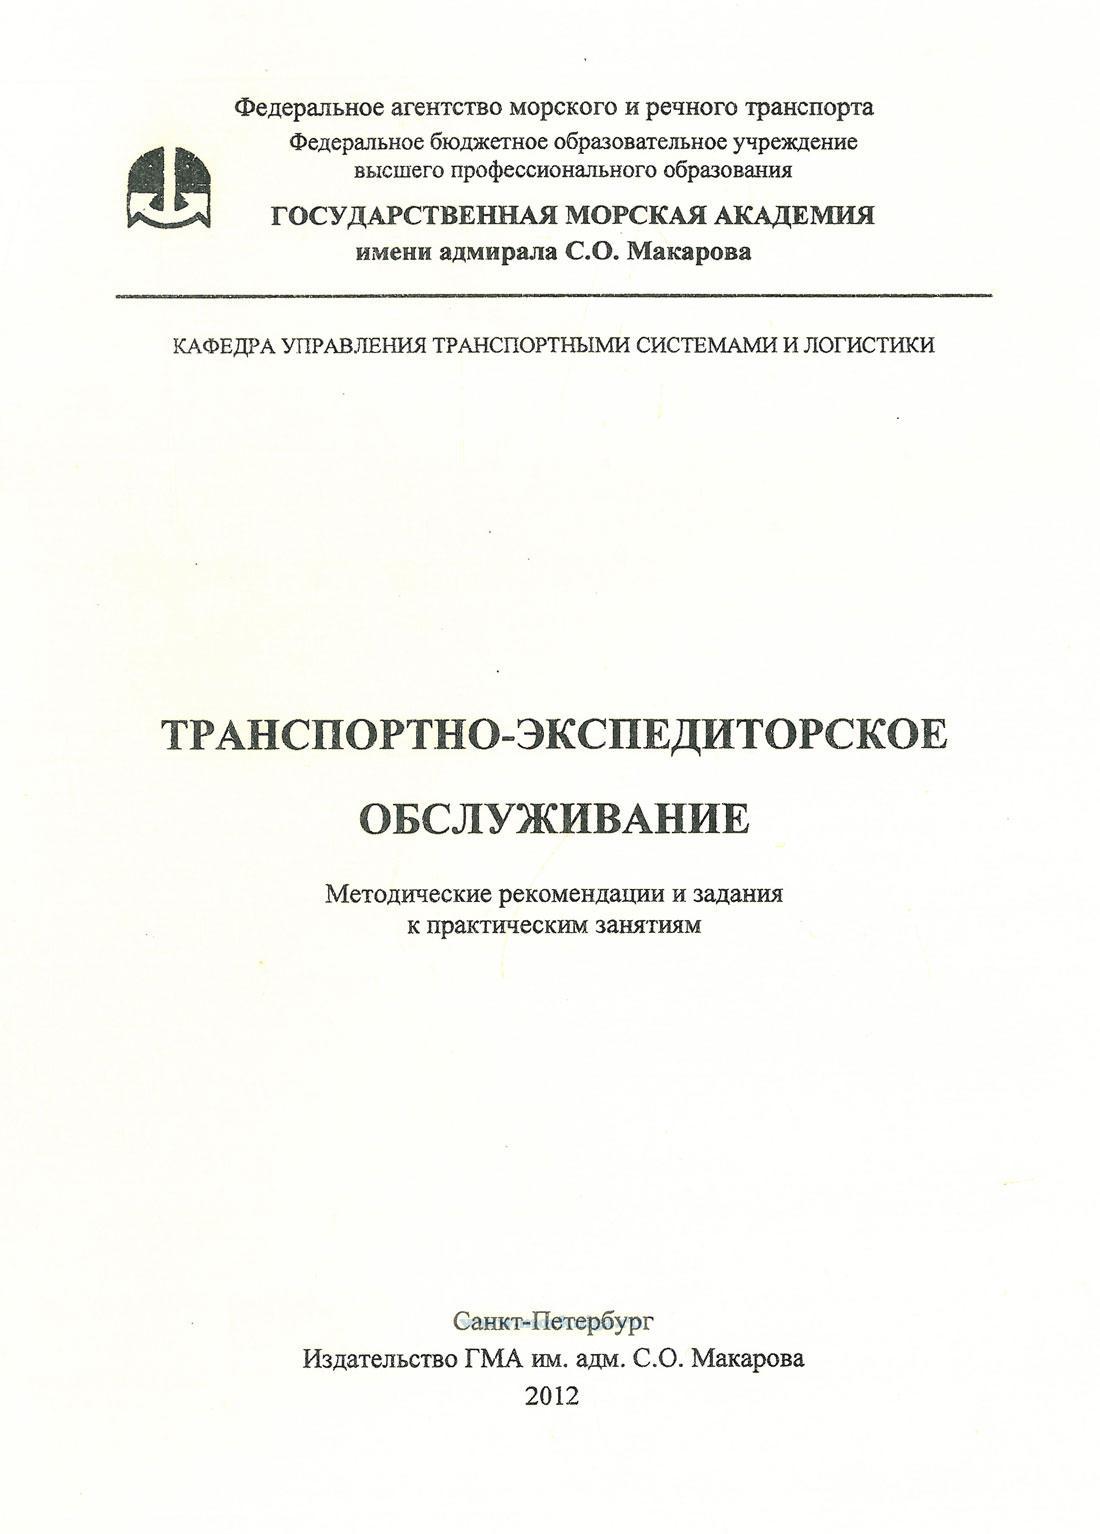 Транспортно-экспедиторское обслуживание: методические рекомендации и задания к практическим занятиям